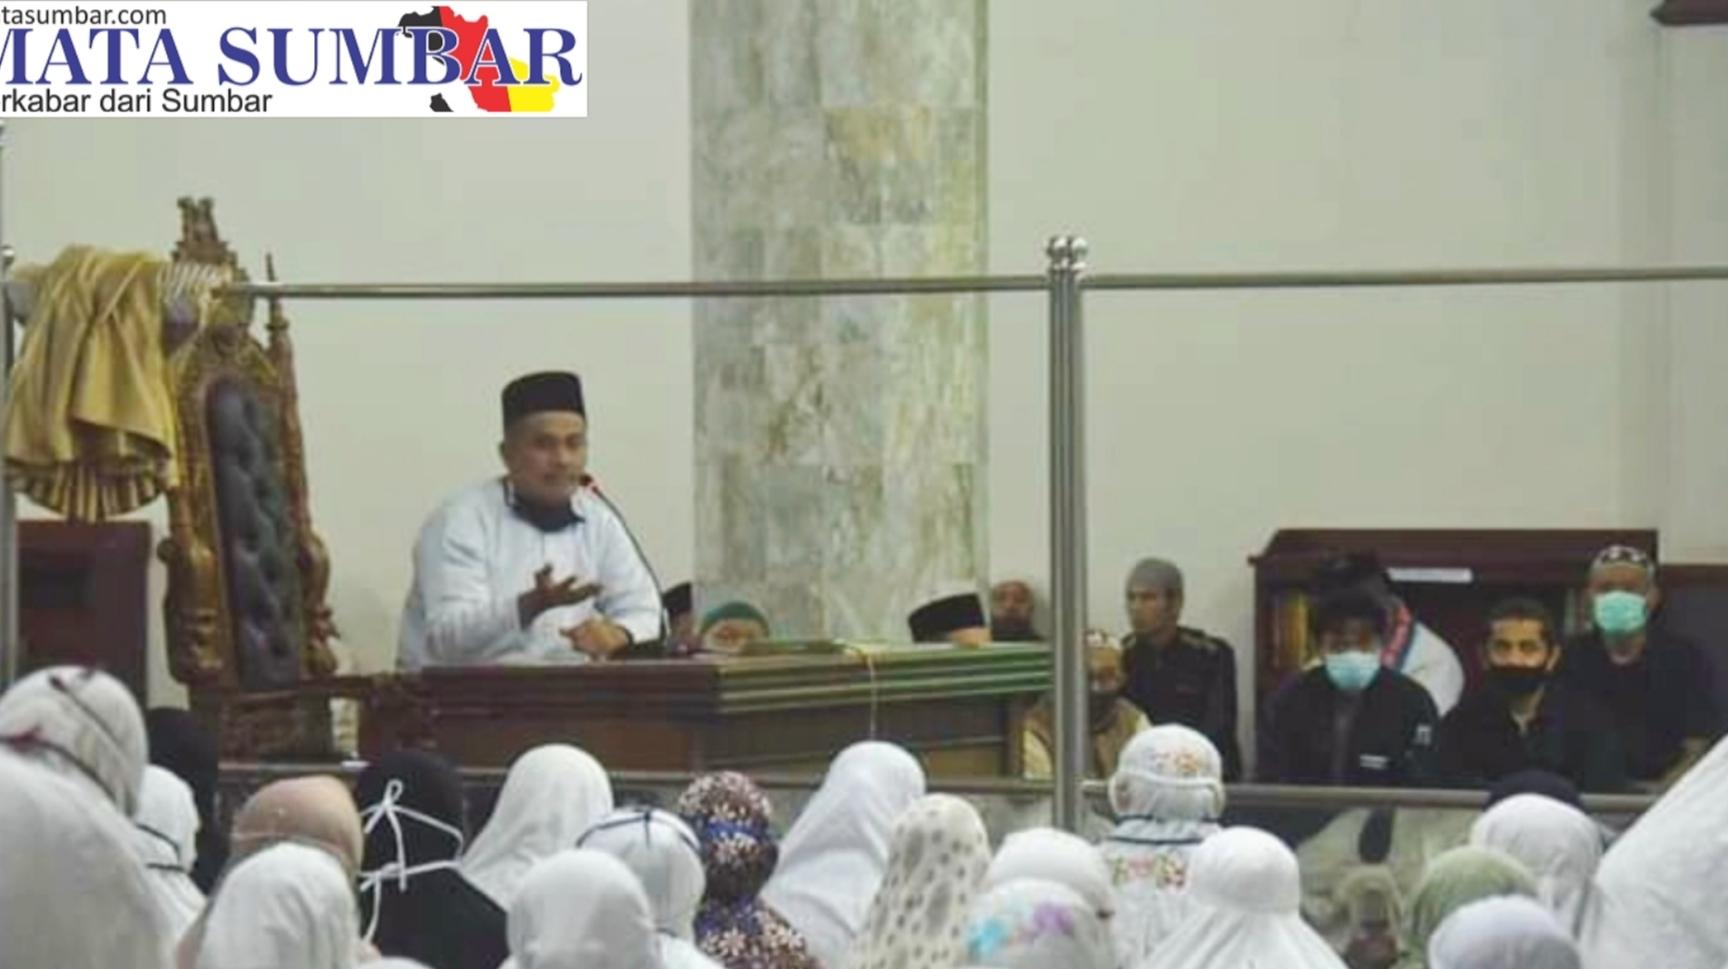 Kegiatan Subuh Mubaraqah Kembali di Gelar, Masjid Jihad Semakin Berkah